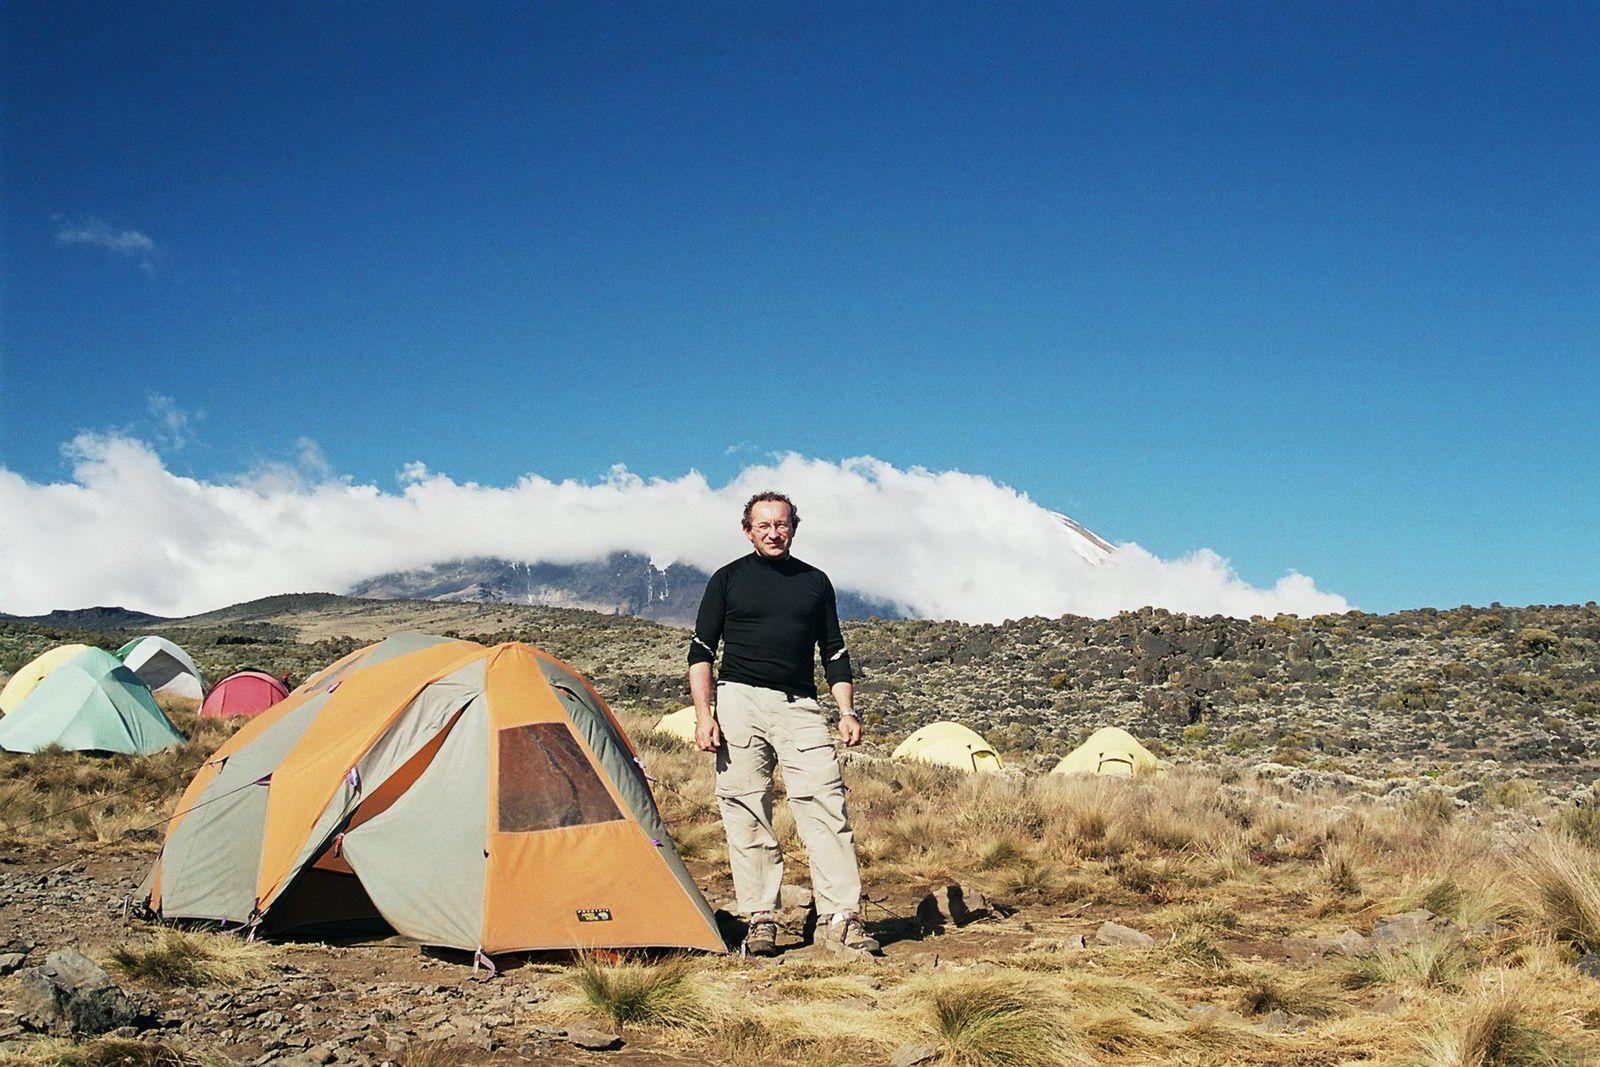 Le Kili émerge au loin....2ème bivouac à Shira Hut (3730 m)